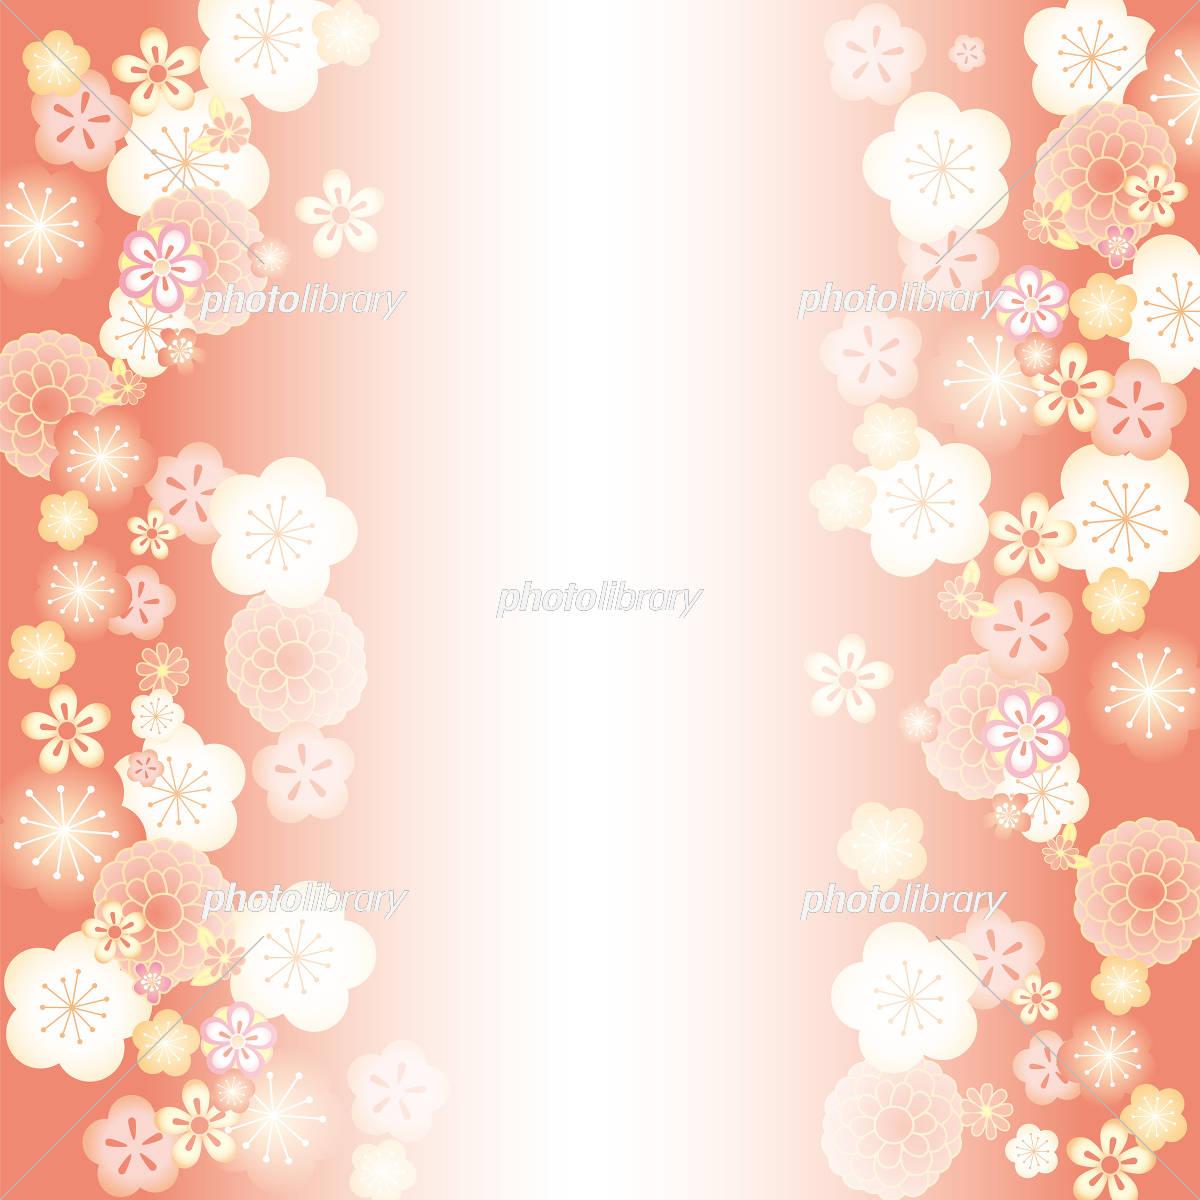 飾り正月 縦 梅渋 イラスト素材 フォトライブラリー Photolibrary